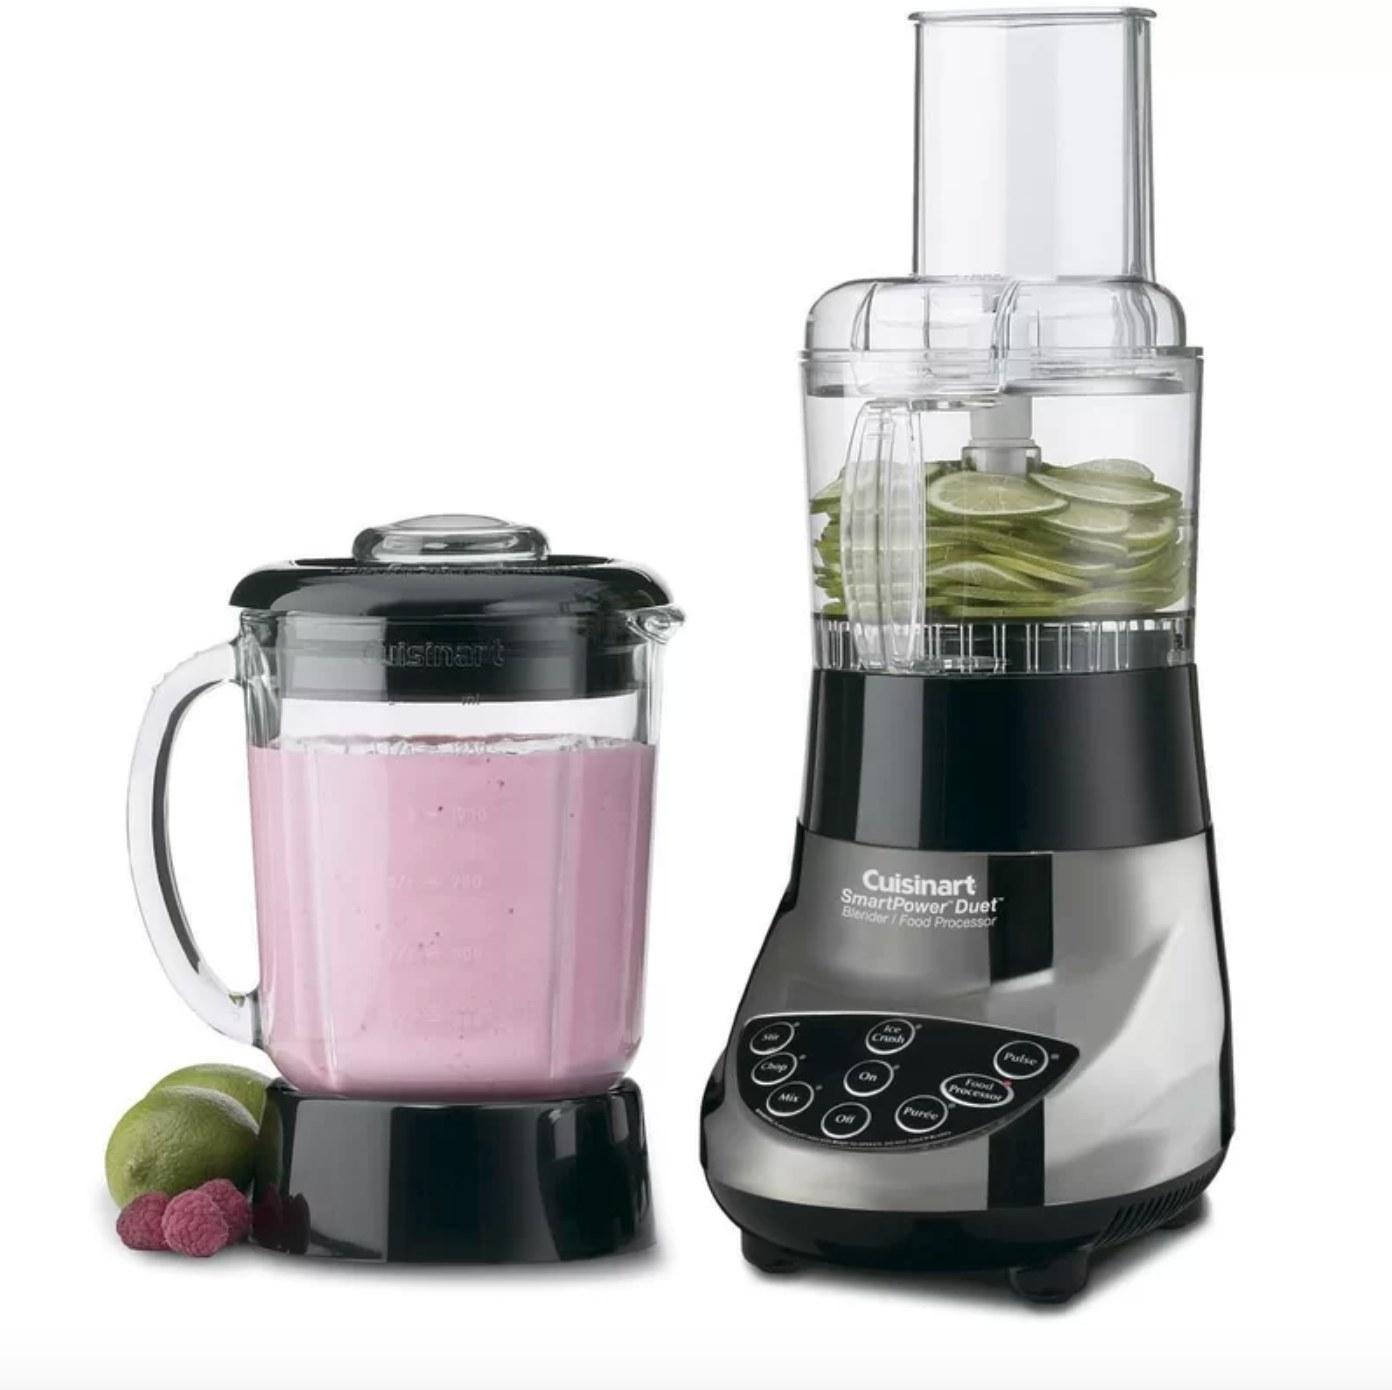 The blender/ food processor